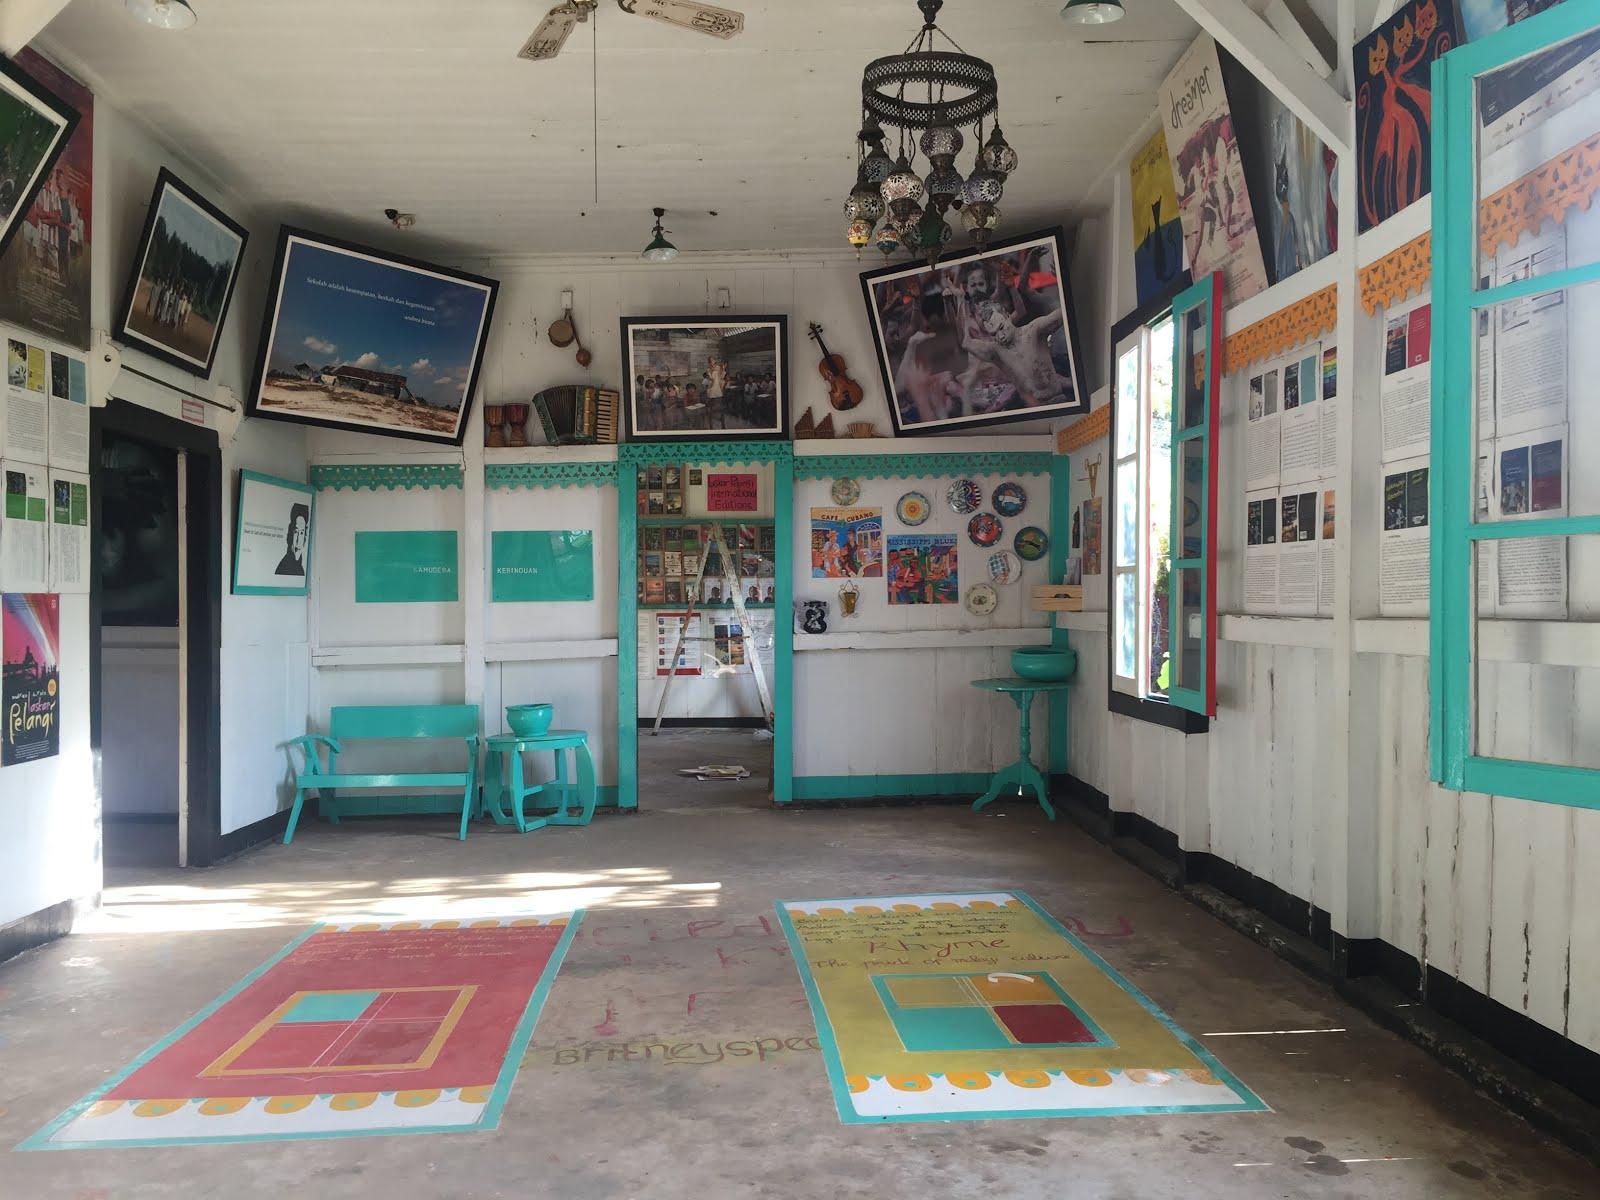 museumkataandreahirata.com